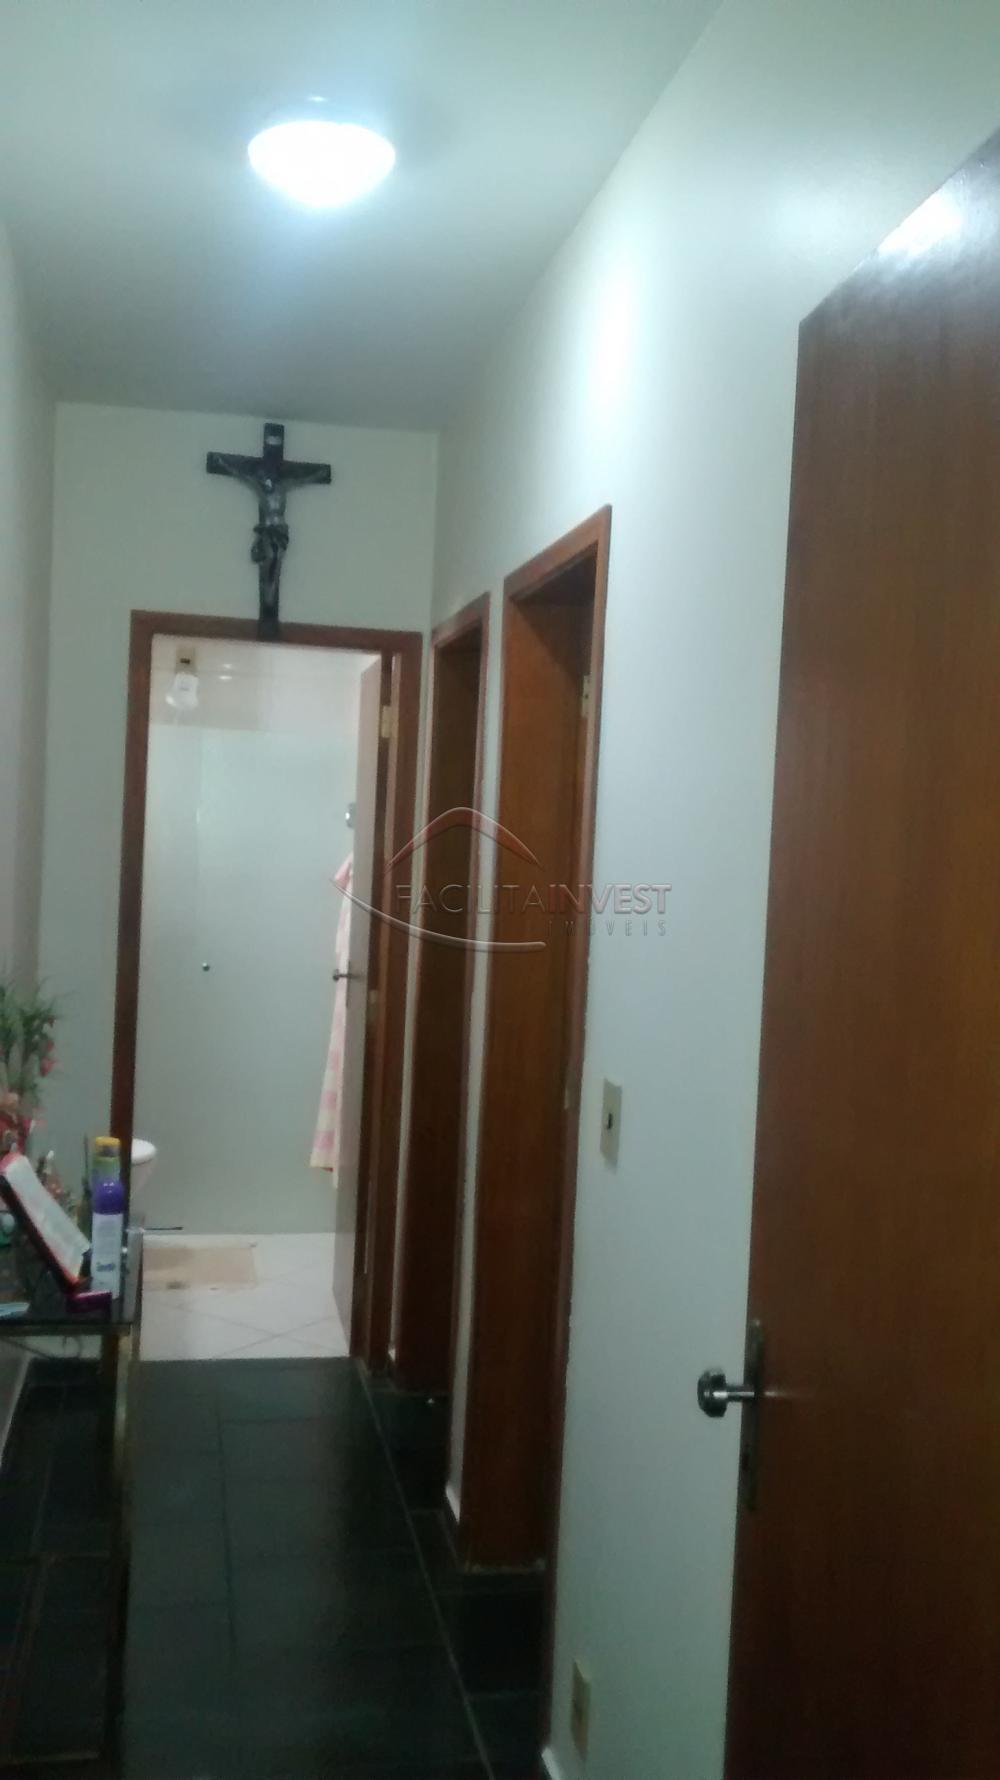 Comprar Apartamentos / Apartamento Mobiliado em Ribeirão Preto apenas R$ 250.000,00 - Foto 2